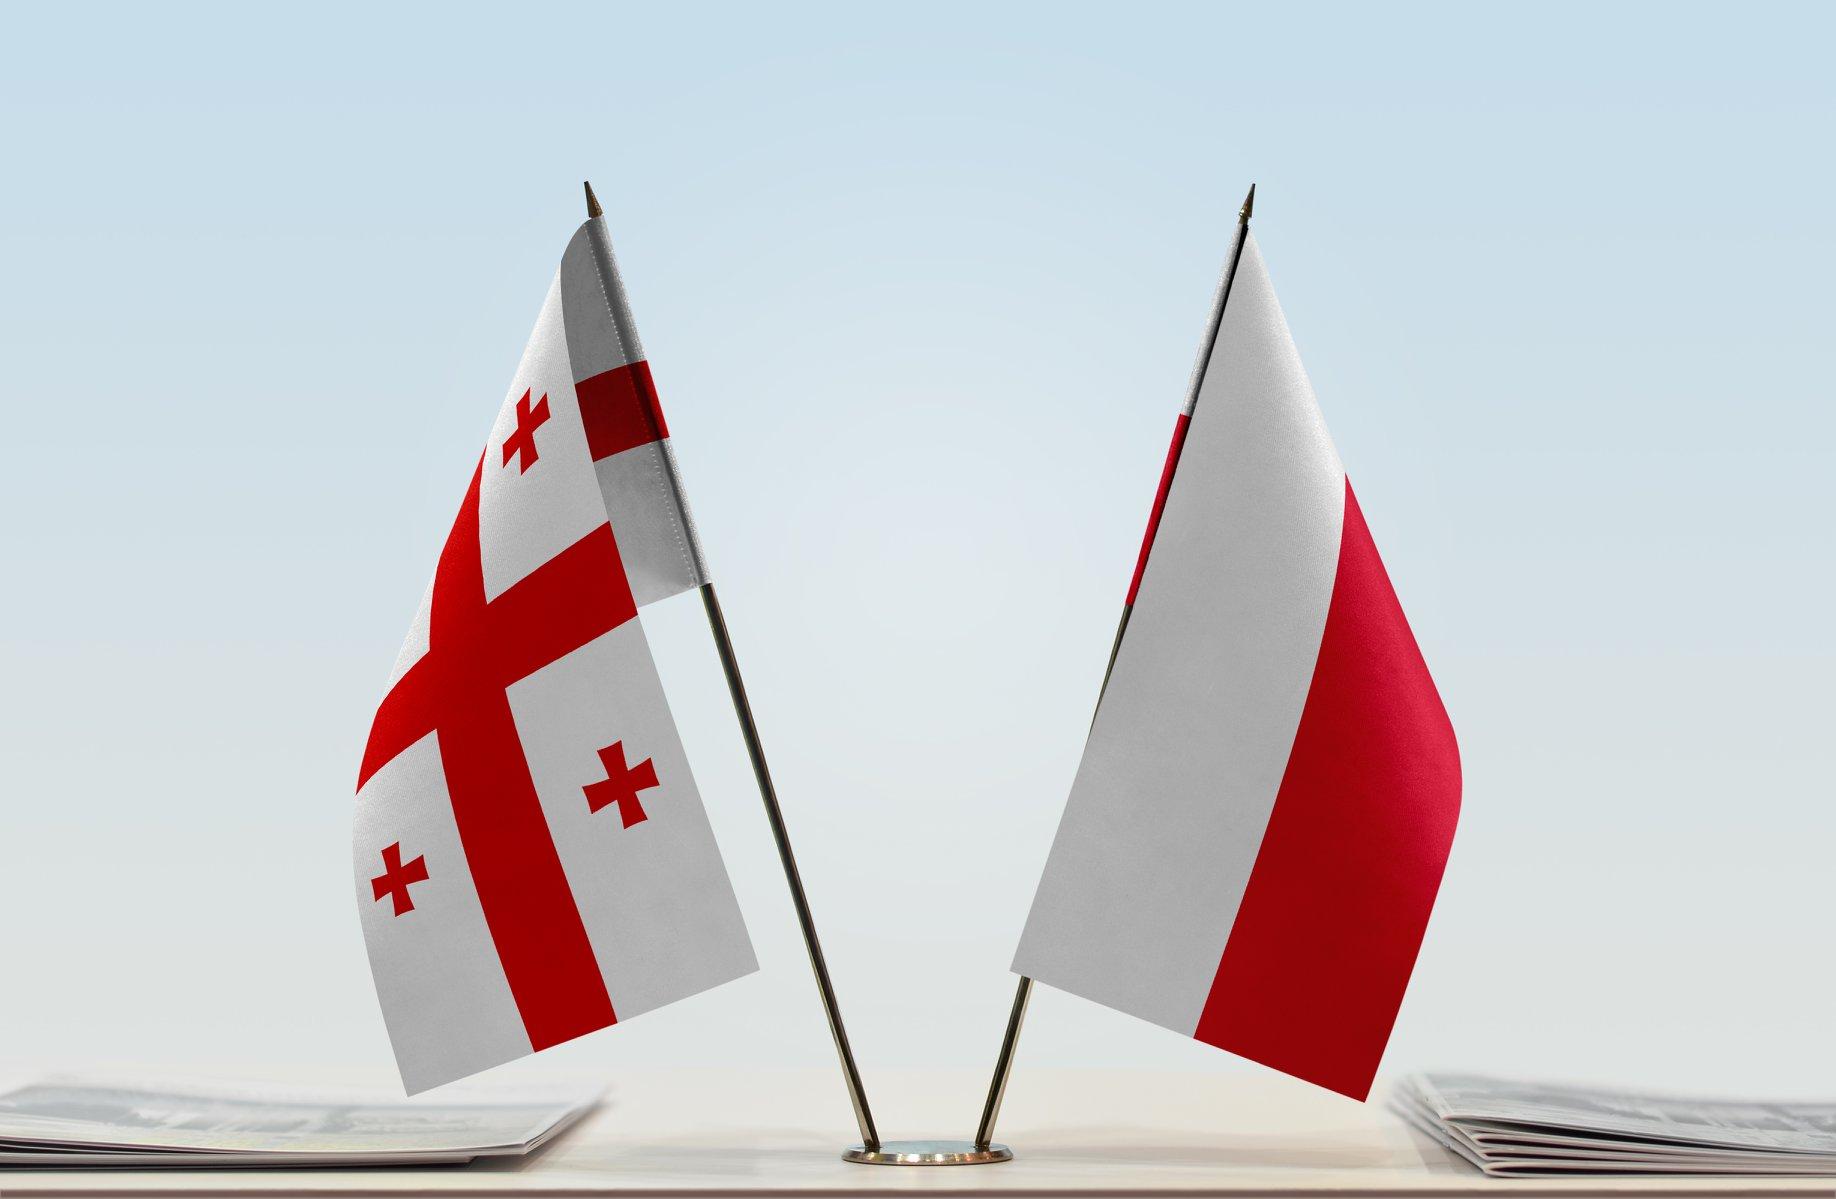 Georgia Poland Flags #новости Анджей Бетлей, Камилла Хиска, Краков, культура, музеи, Национальный музей Кракова, Польша, Польша-Грузия